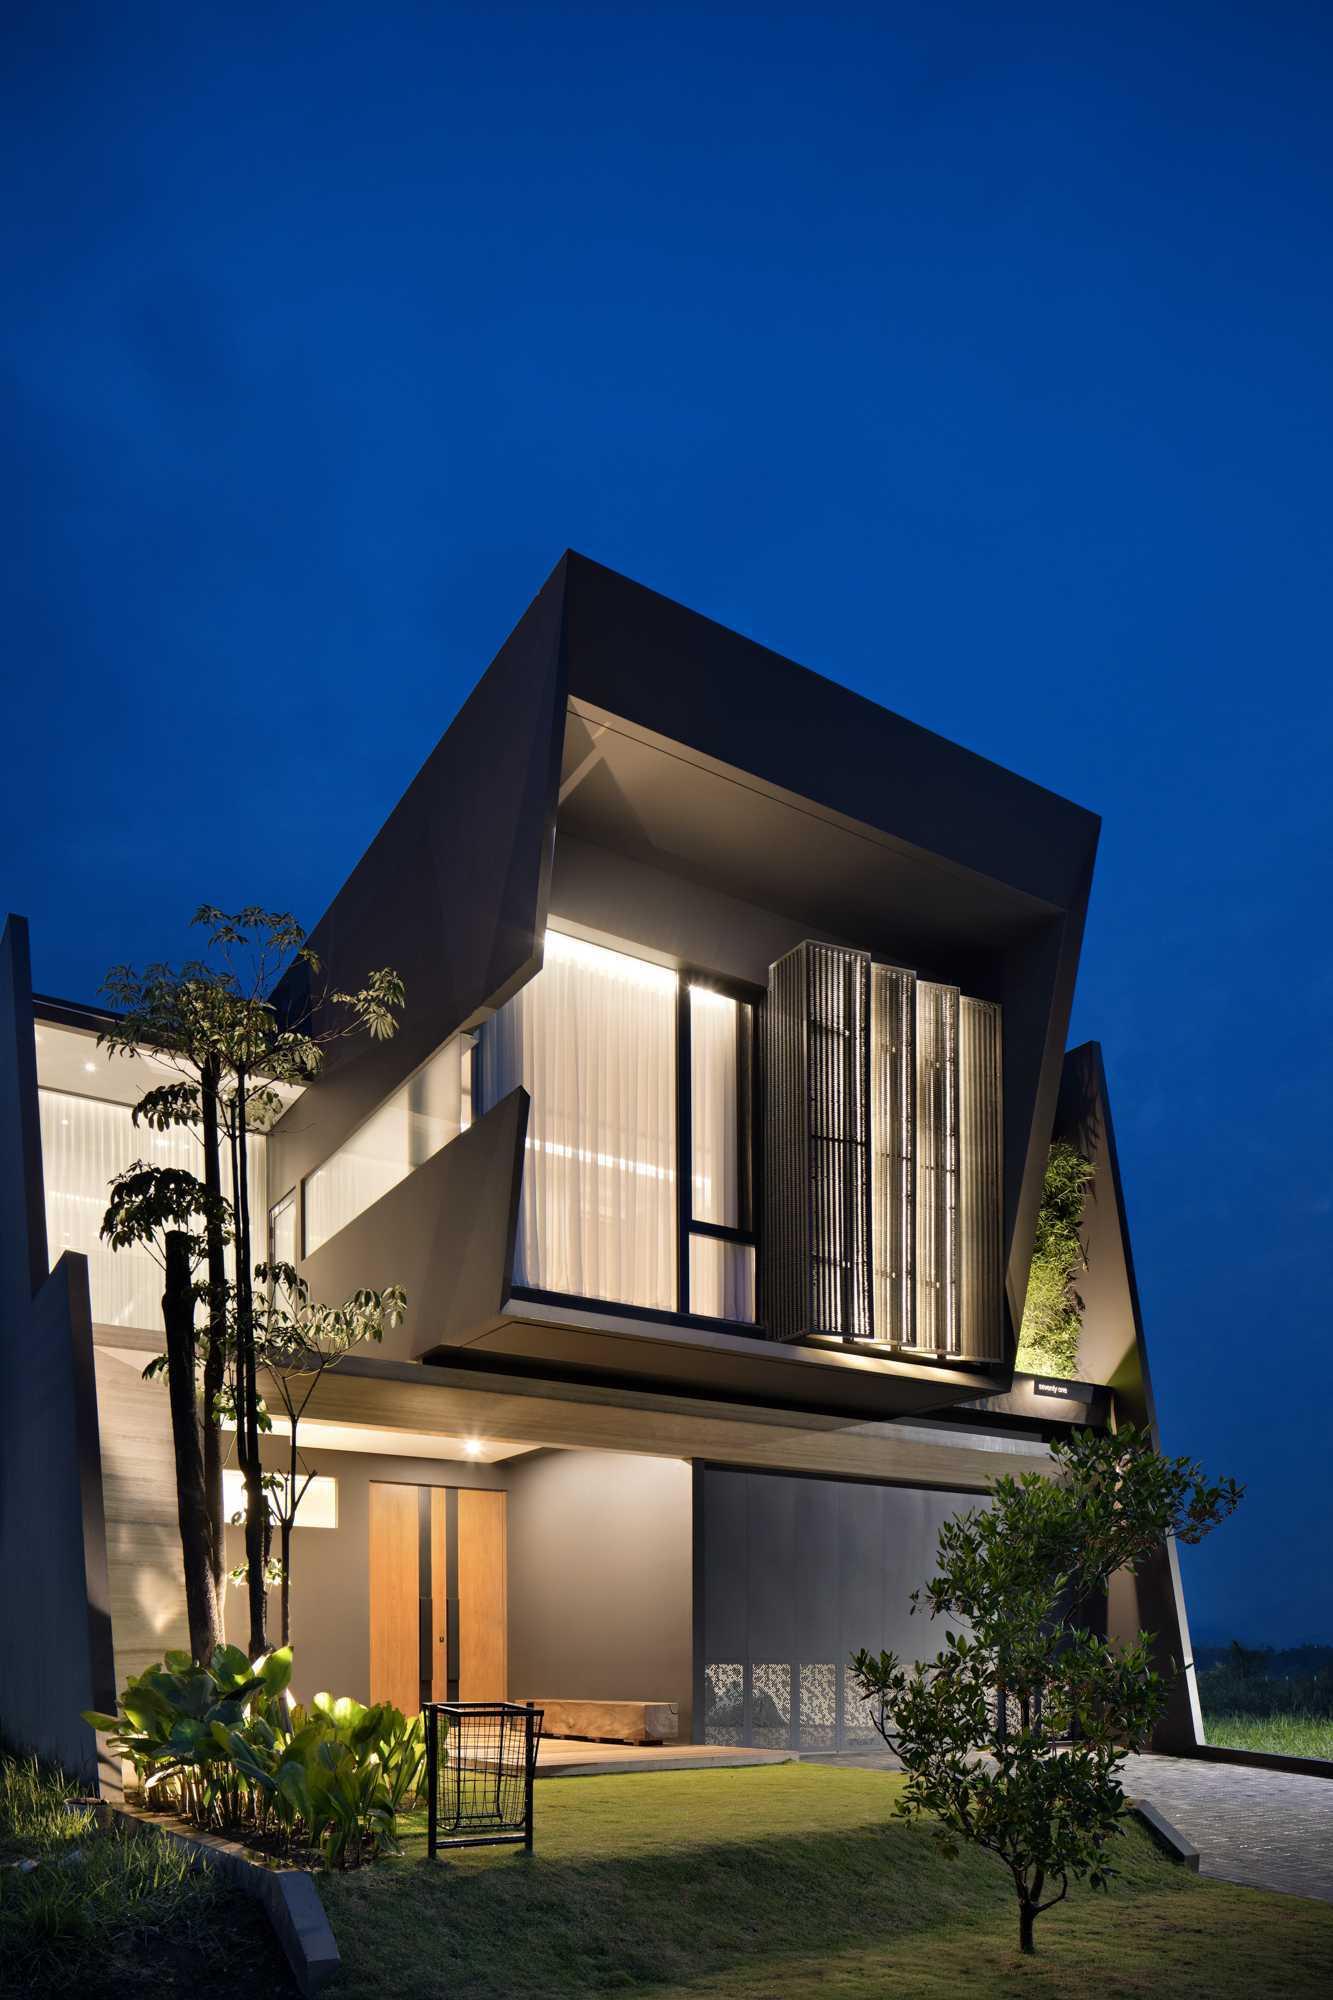 Rakta Studio Pj House Padalarang, Kabupaten Bandung Barat, Jawa Barat, Indonesia Padalarang, Kabupaten Bandung Barat, Jawa Barat, Indonesia Rakta-Studio-Pj-House  68730